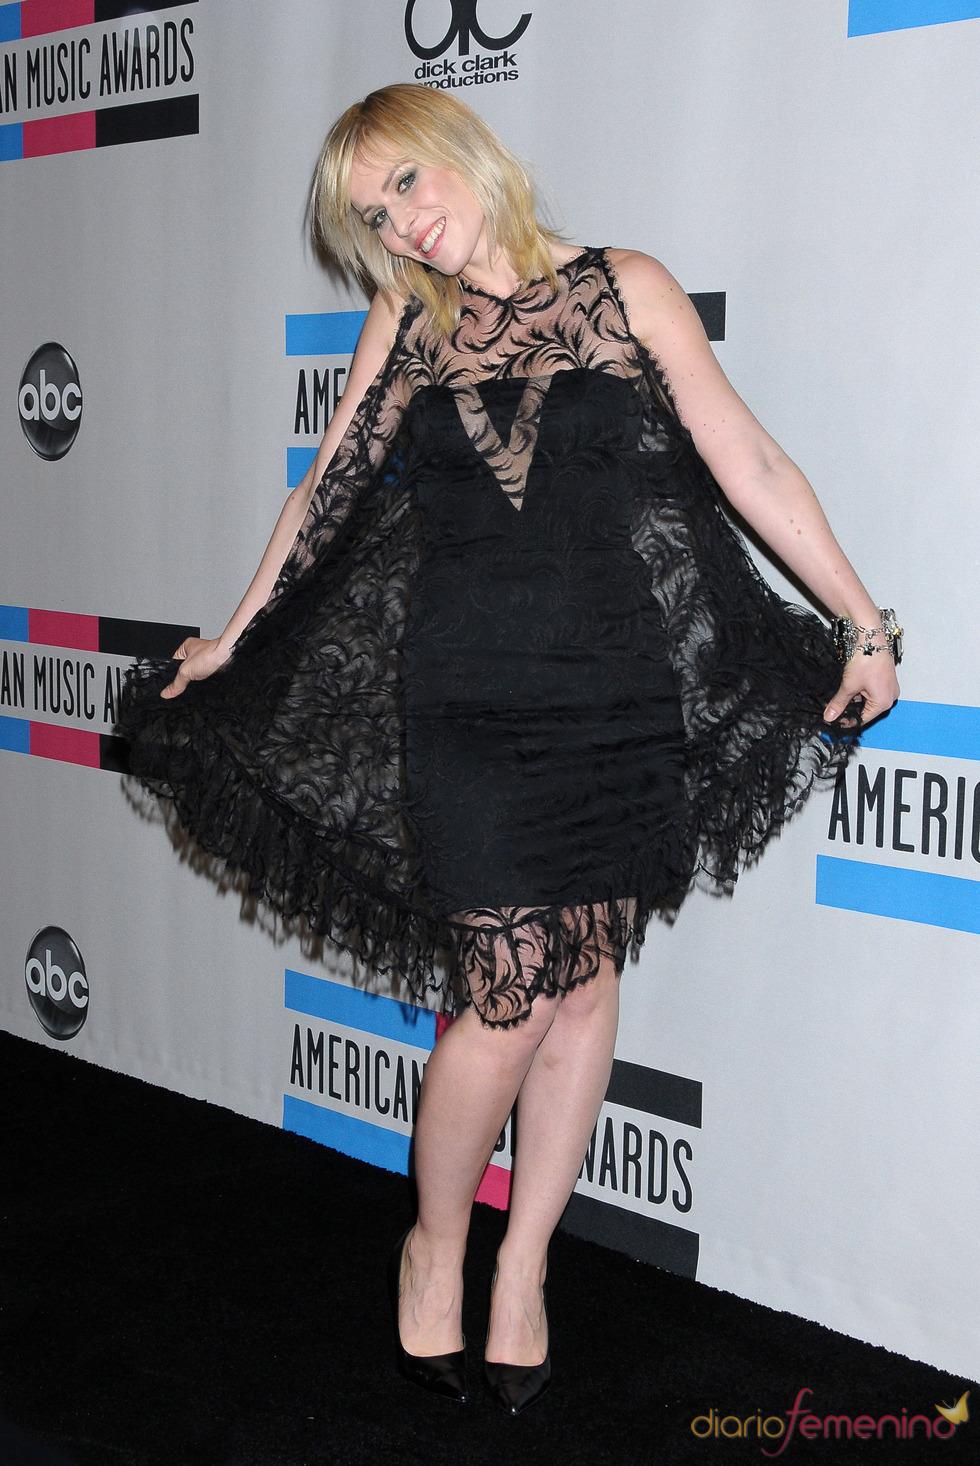 Natasha Bedingfield asistió a los American Music Awards 2010